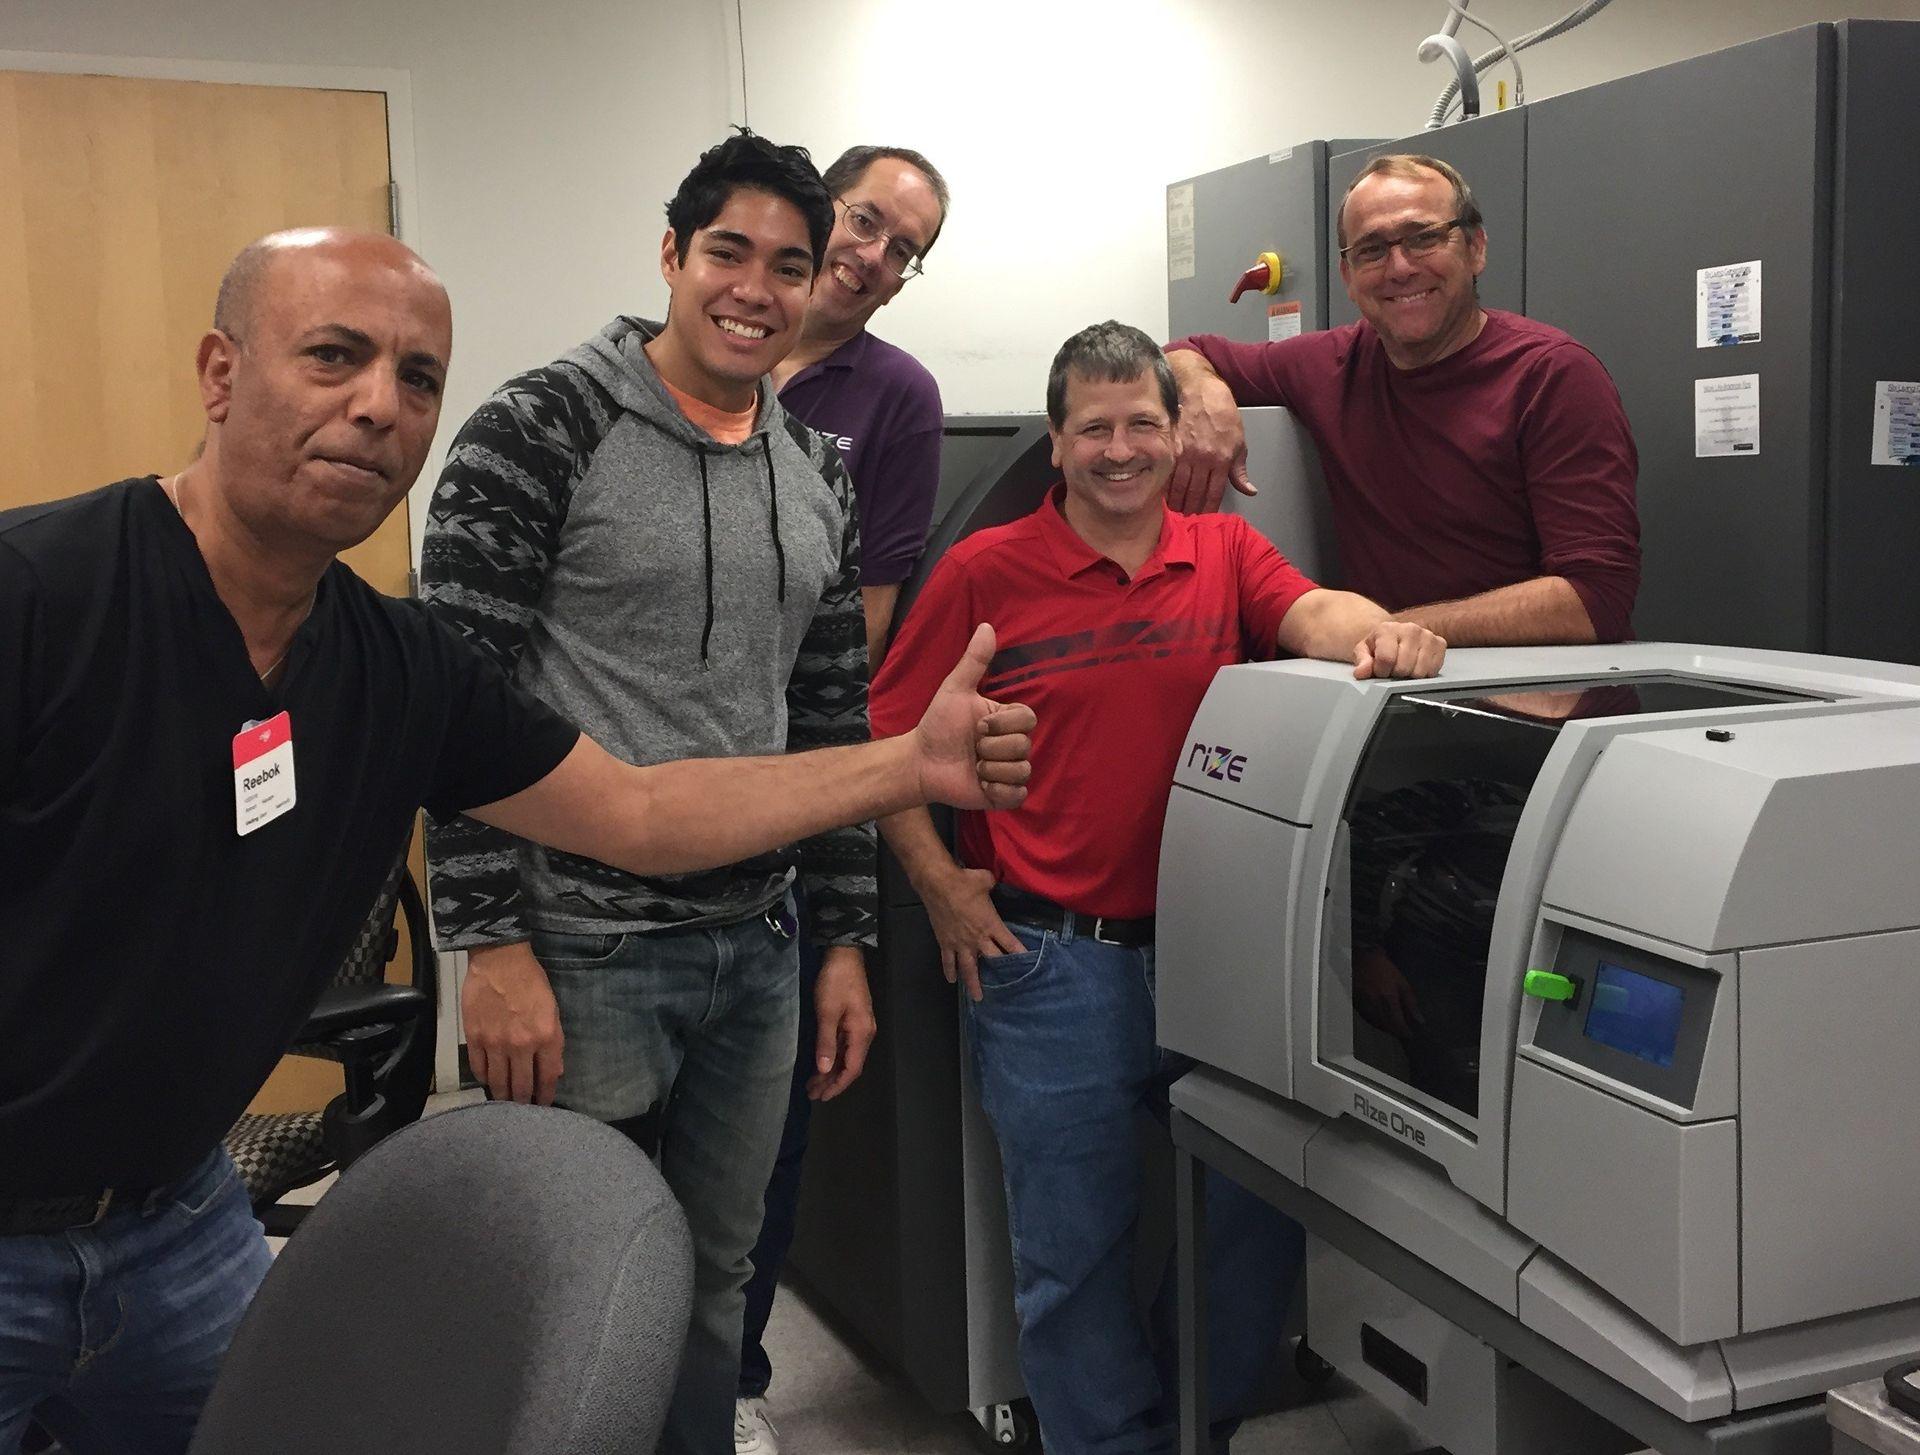 Команда Rize с 3D-принтером Rize One